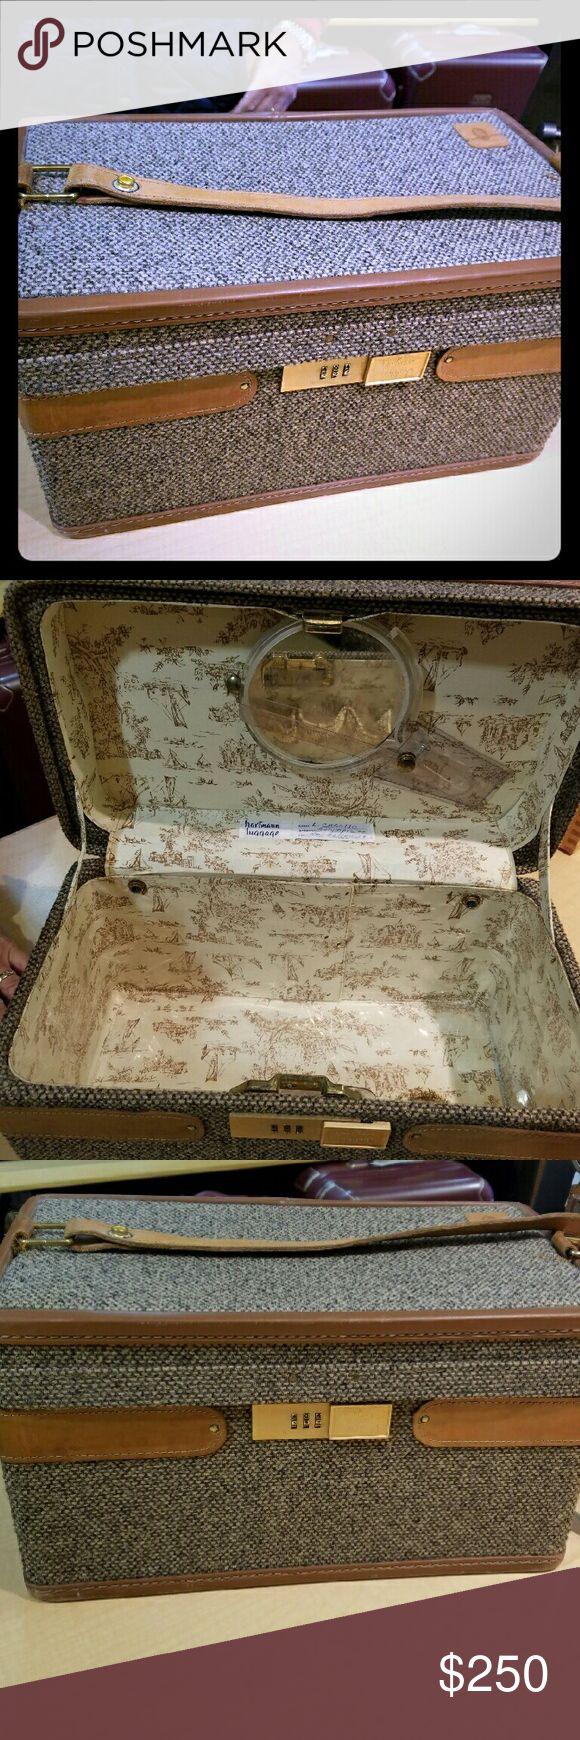 Hartmann Tweed Cosmetic Train Case Vintage Tweed Traincase Hartmann  Bags